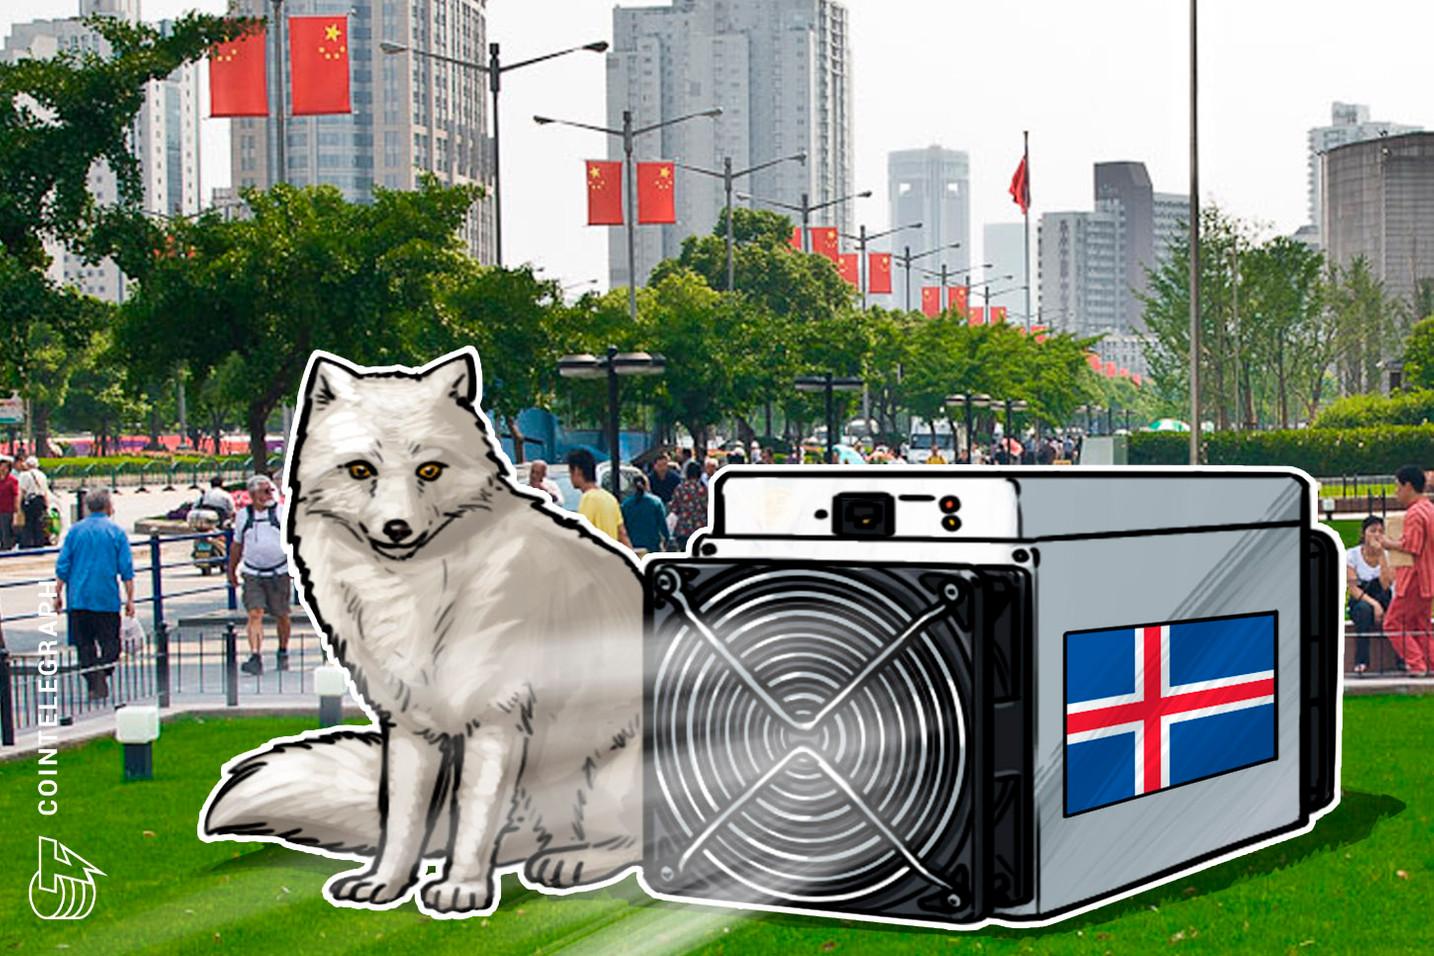 الاشتباه في وجود ٦٠٠ من أجهزة تعدين بيتكوين المسروقة من أيسلندا في الصين